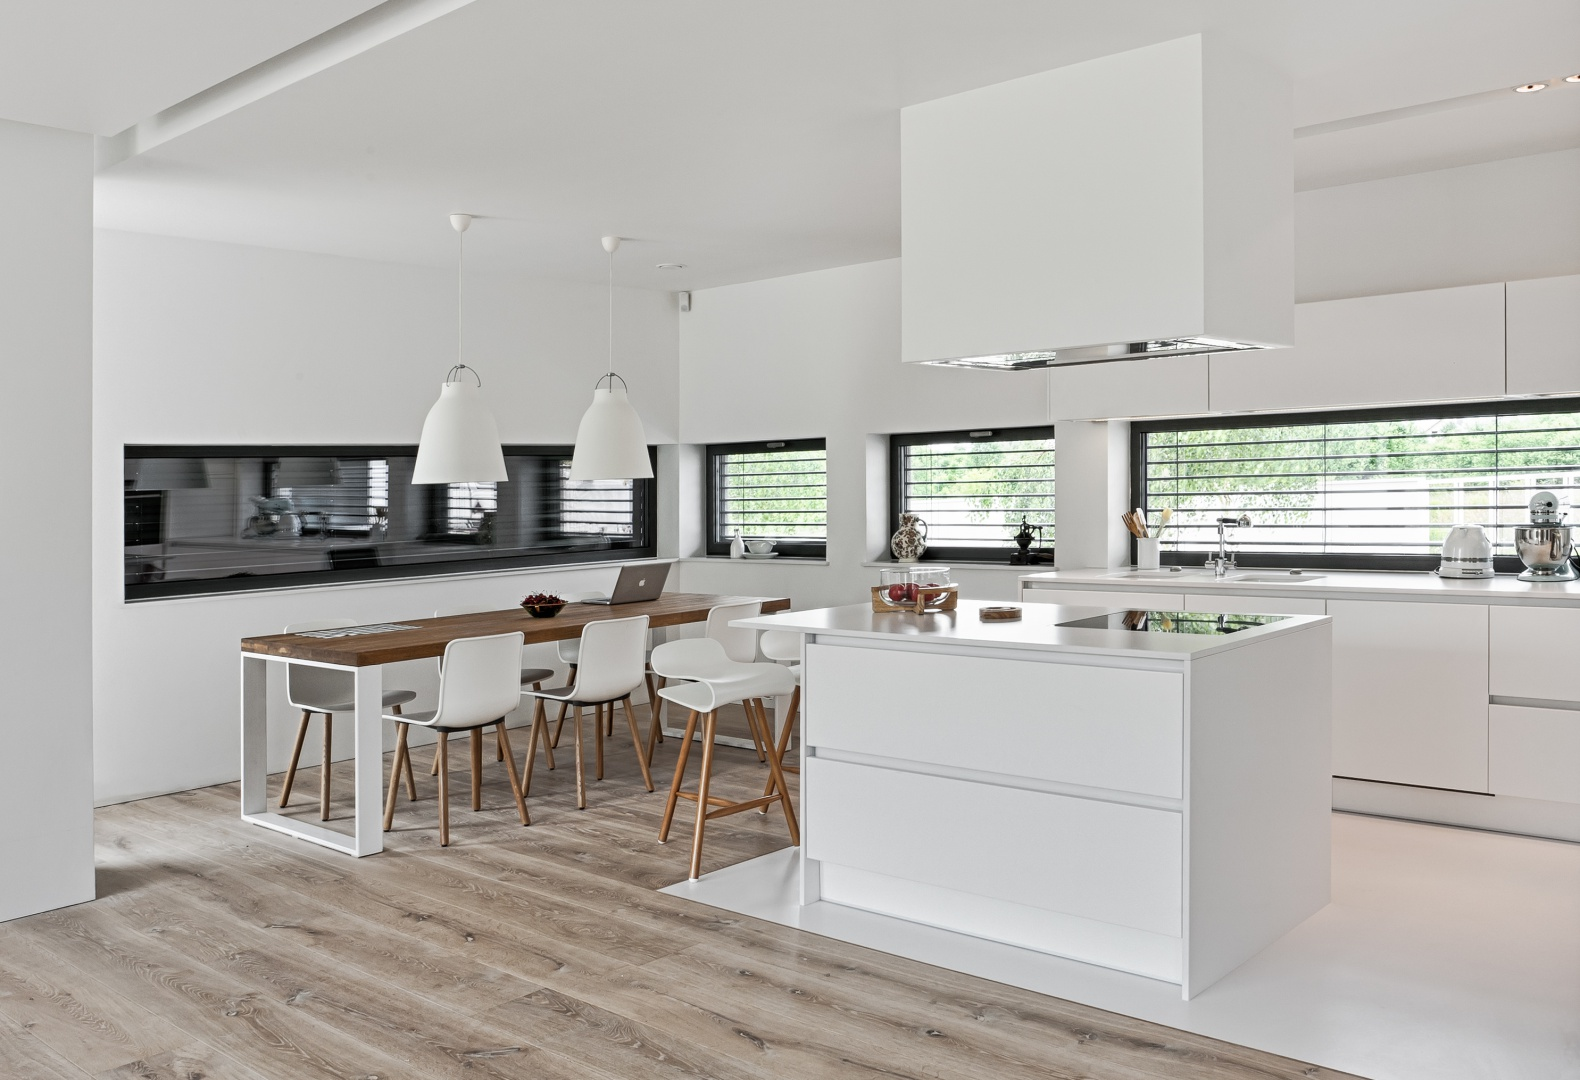 Biała nowoczesna kuchnia z wyspą została ocieplona wizualnie przez drewniane elementy: blat stołu jadalnianego, nogi krzeseł czy podłogę. Fot. Atlas, model Oktawia Listwowa